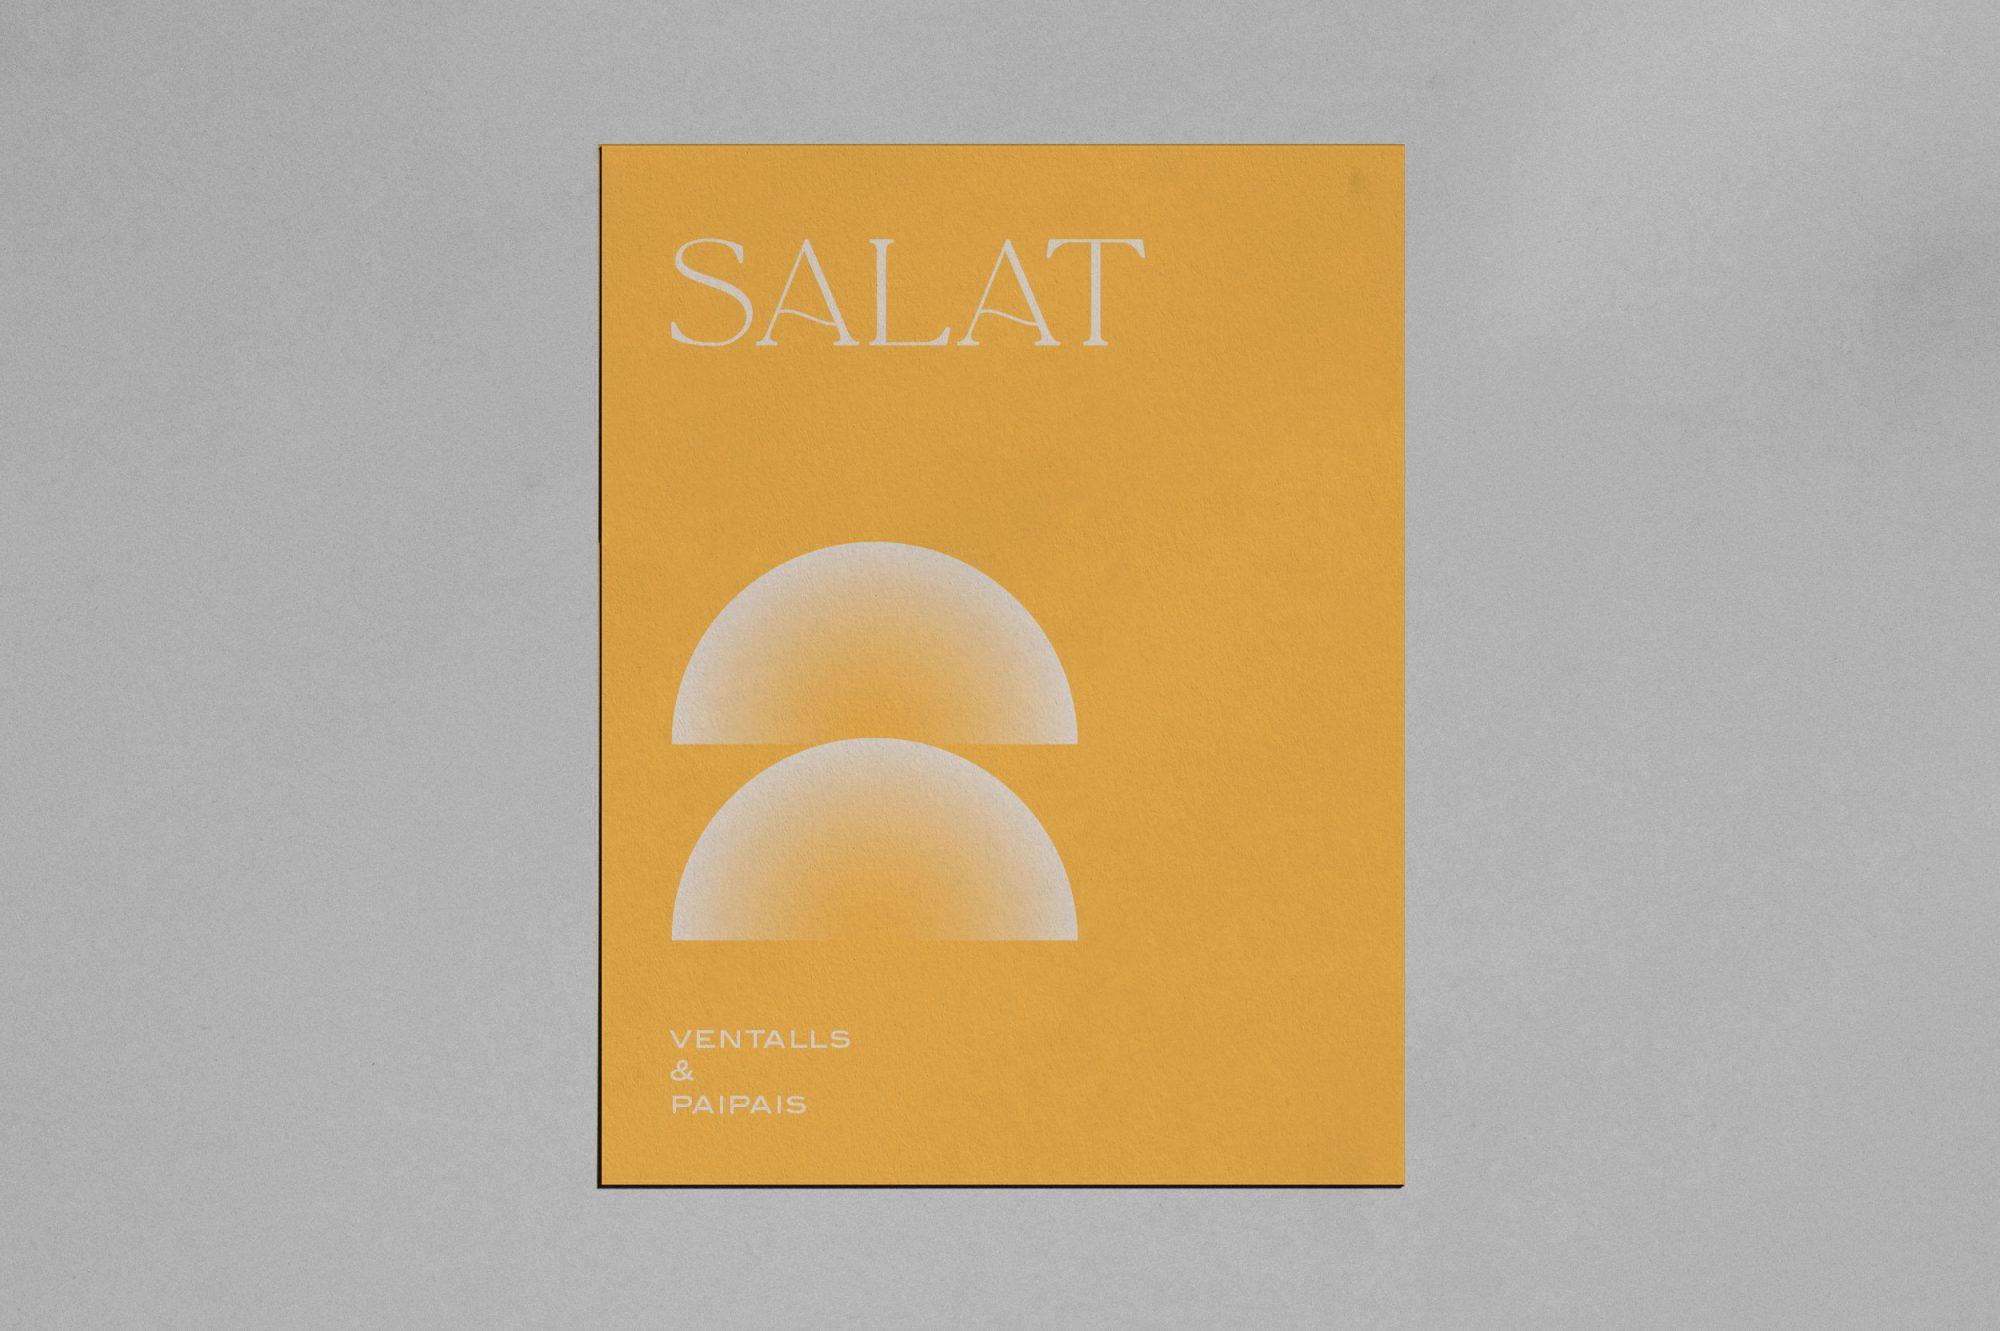 estelalcaraz_salat_10